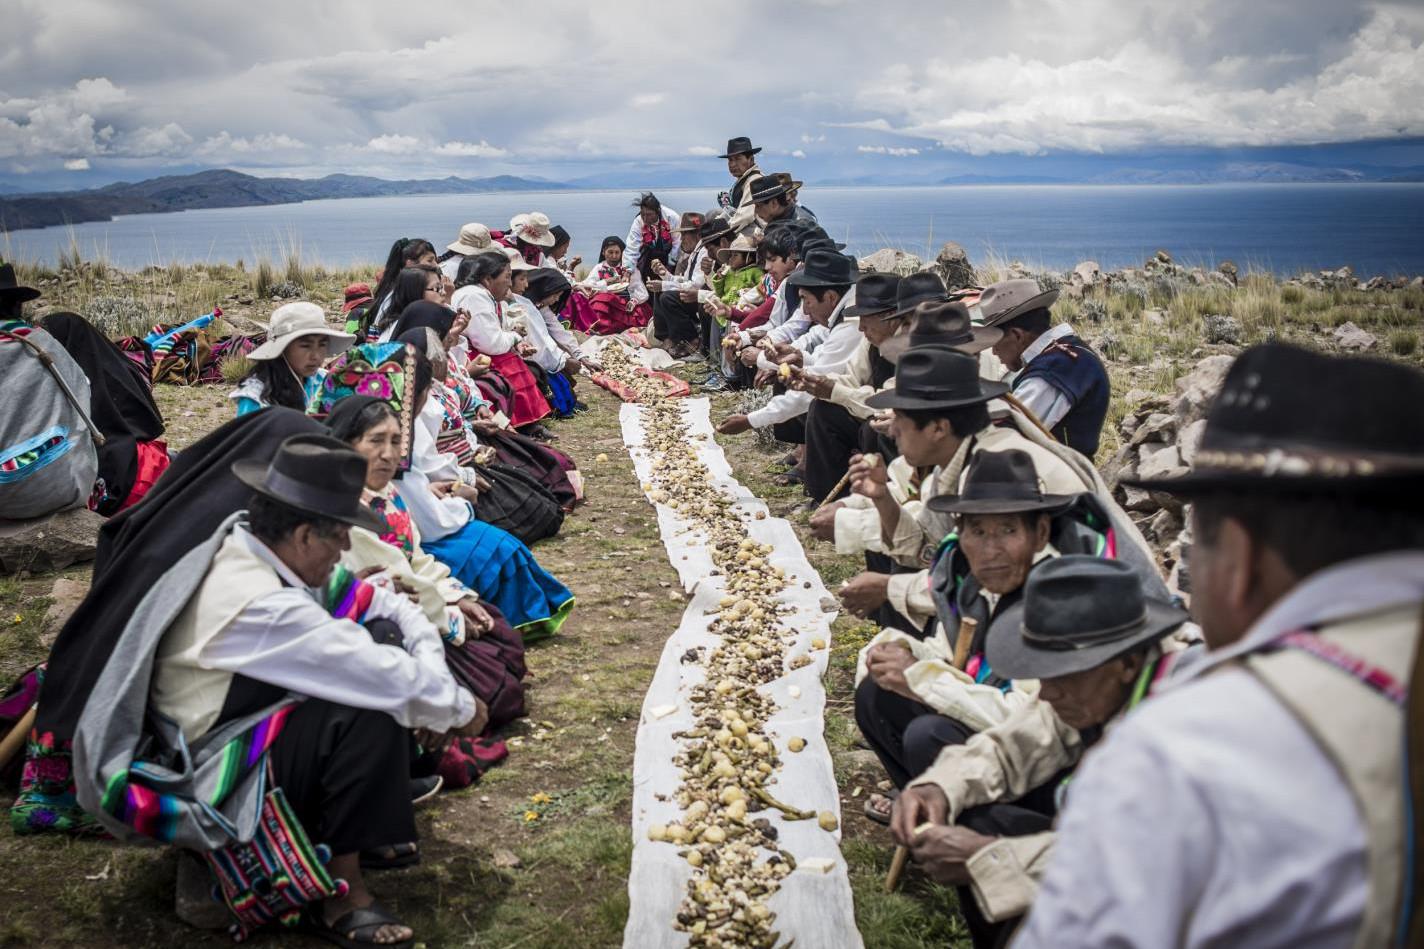 Compartiendo cocawi-Uriel Alexis Montúfar Butrón-Peru